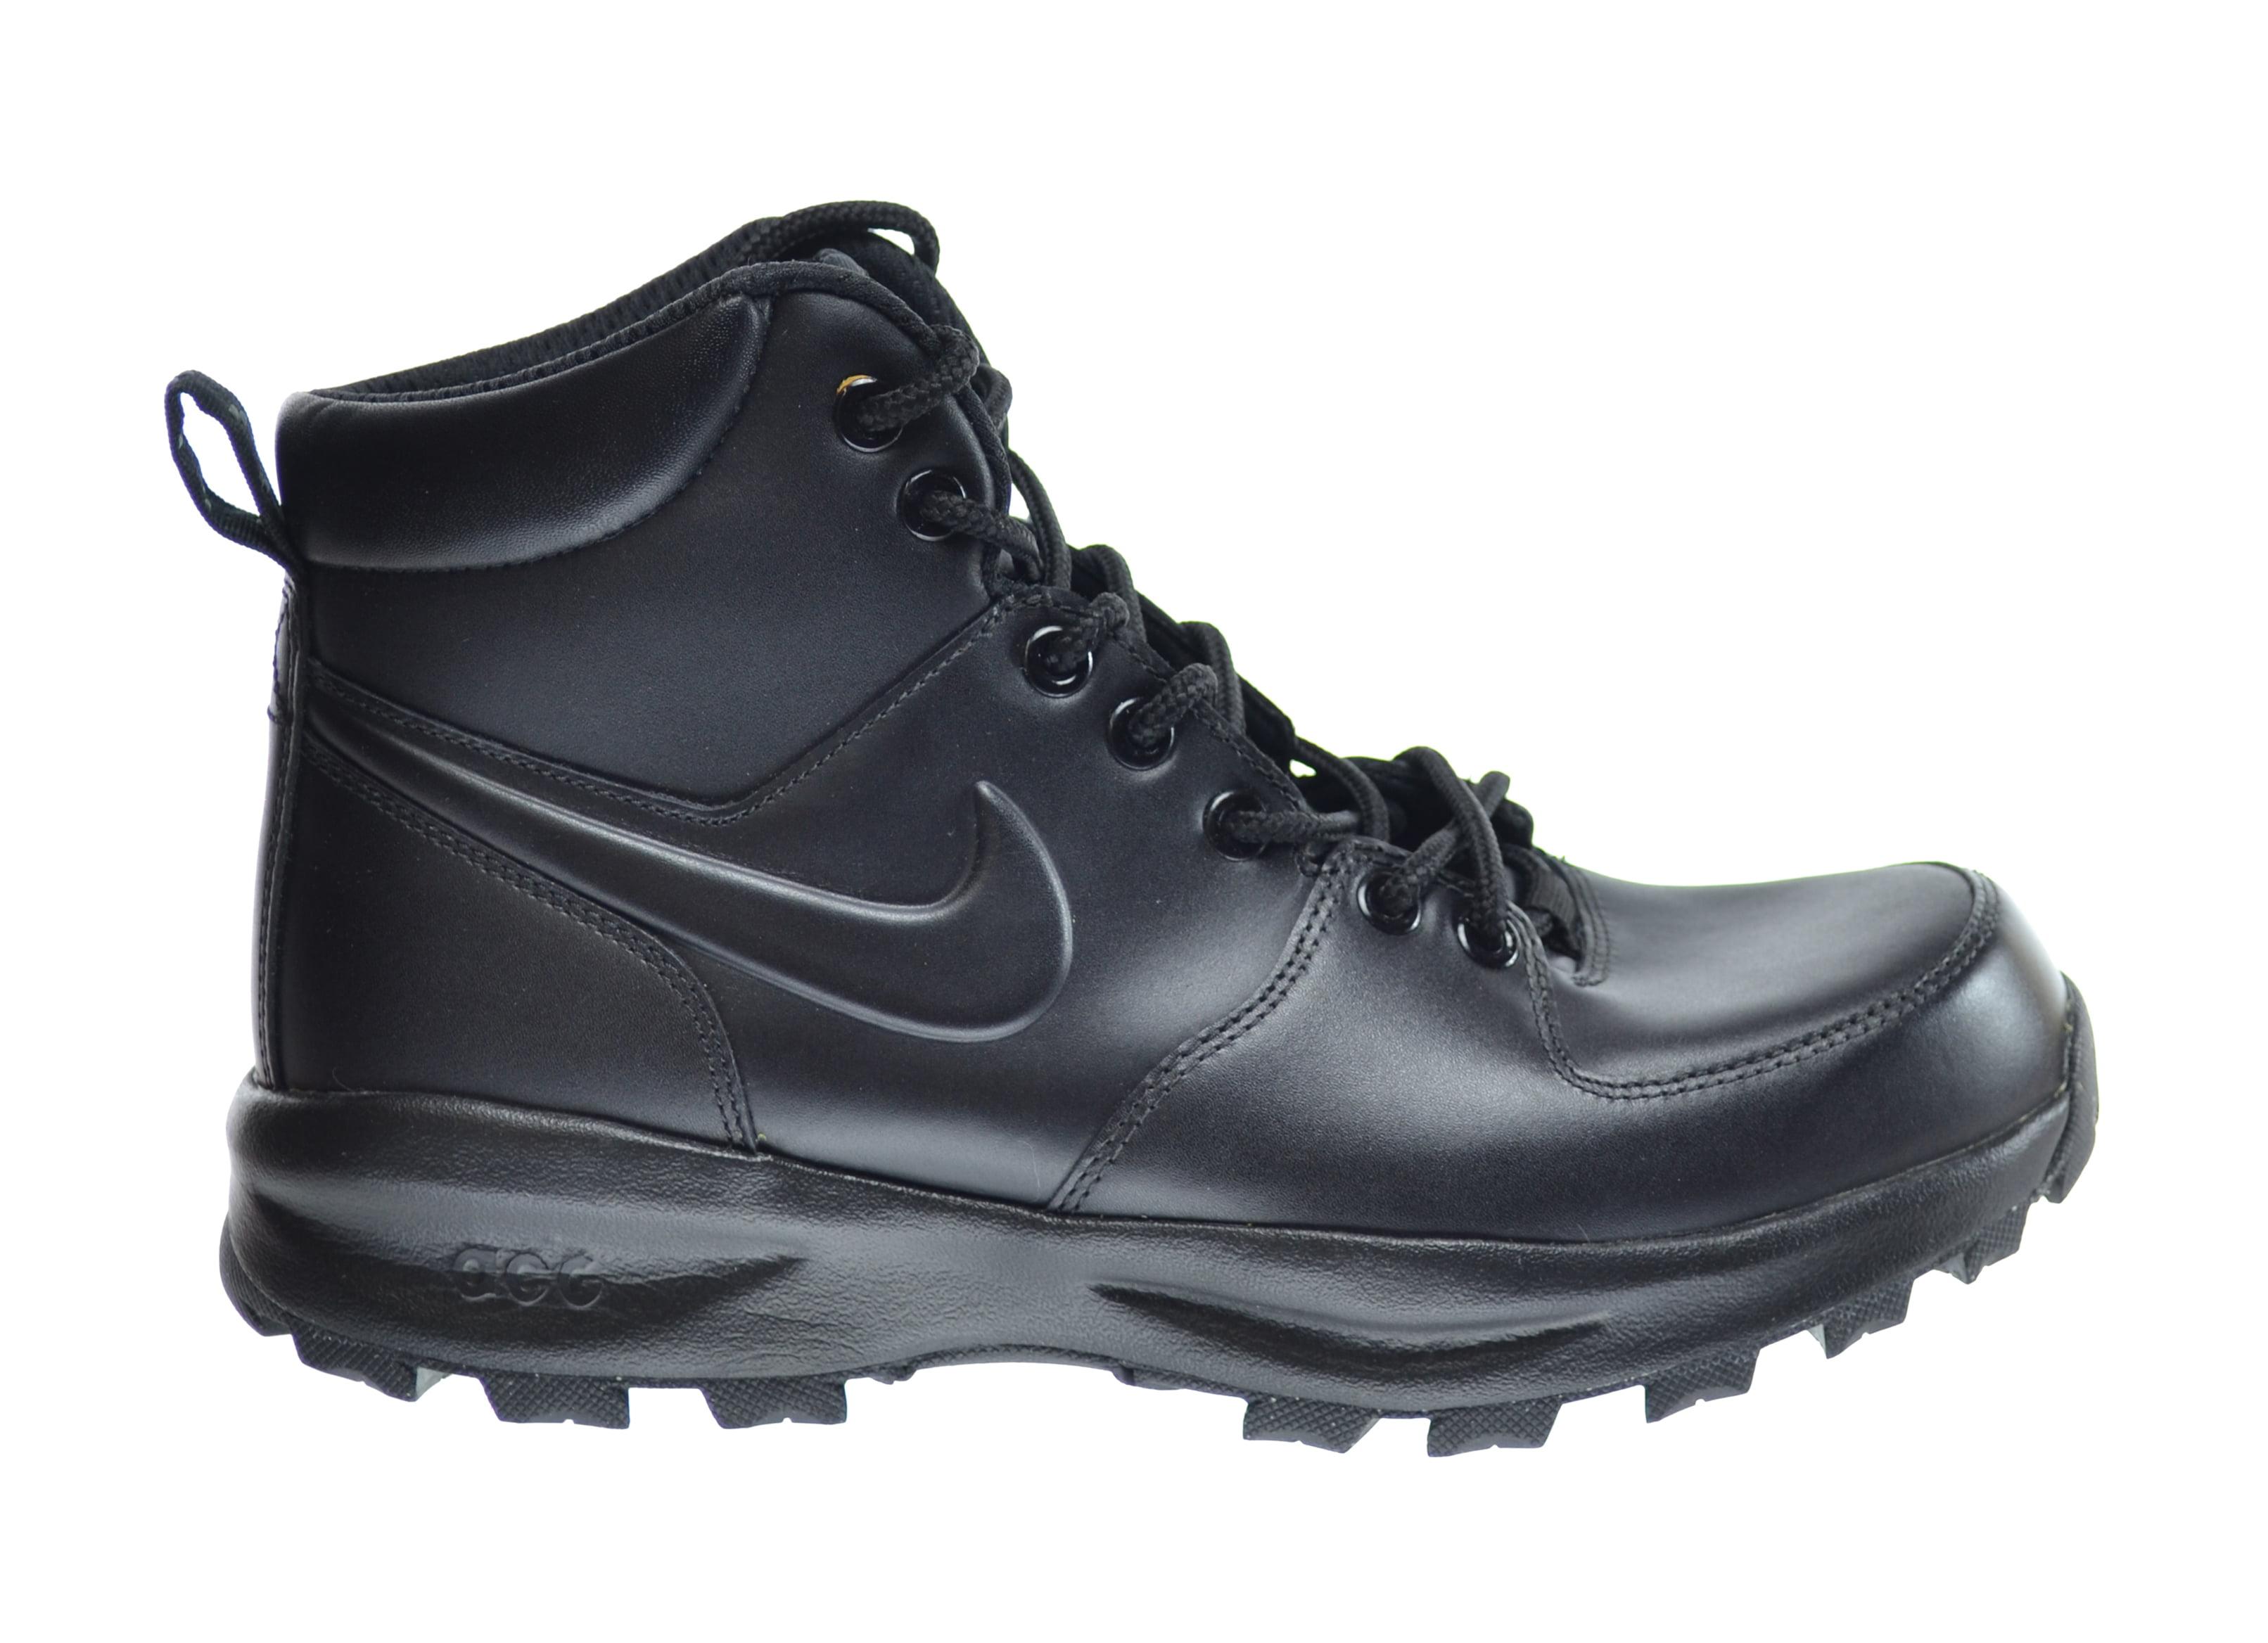 Nike Manoa Leather Men's Boots Black 454350-003 (7.5 D(M) US)